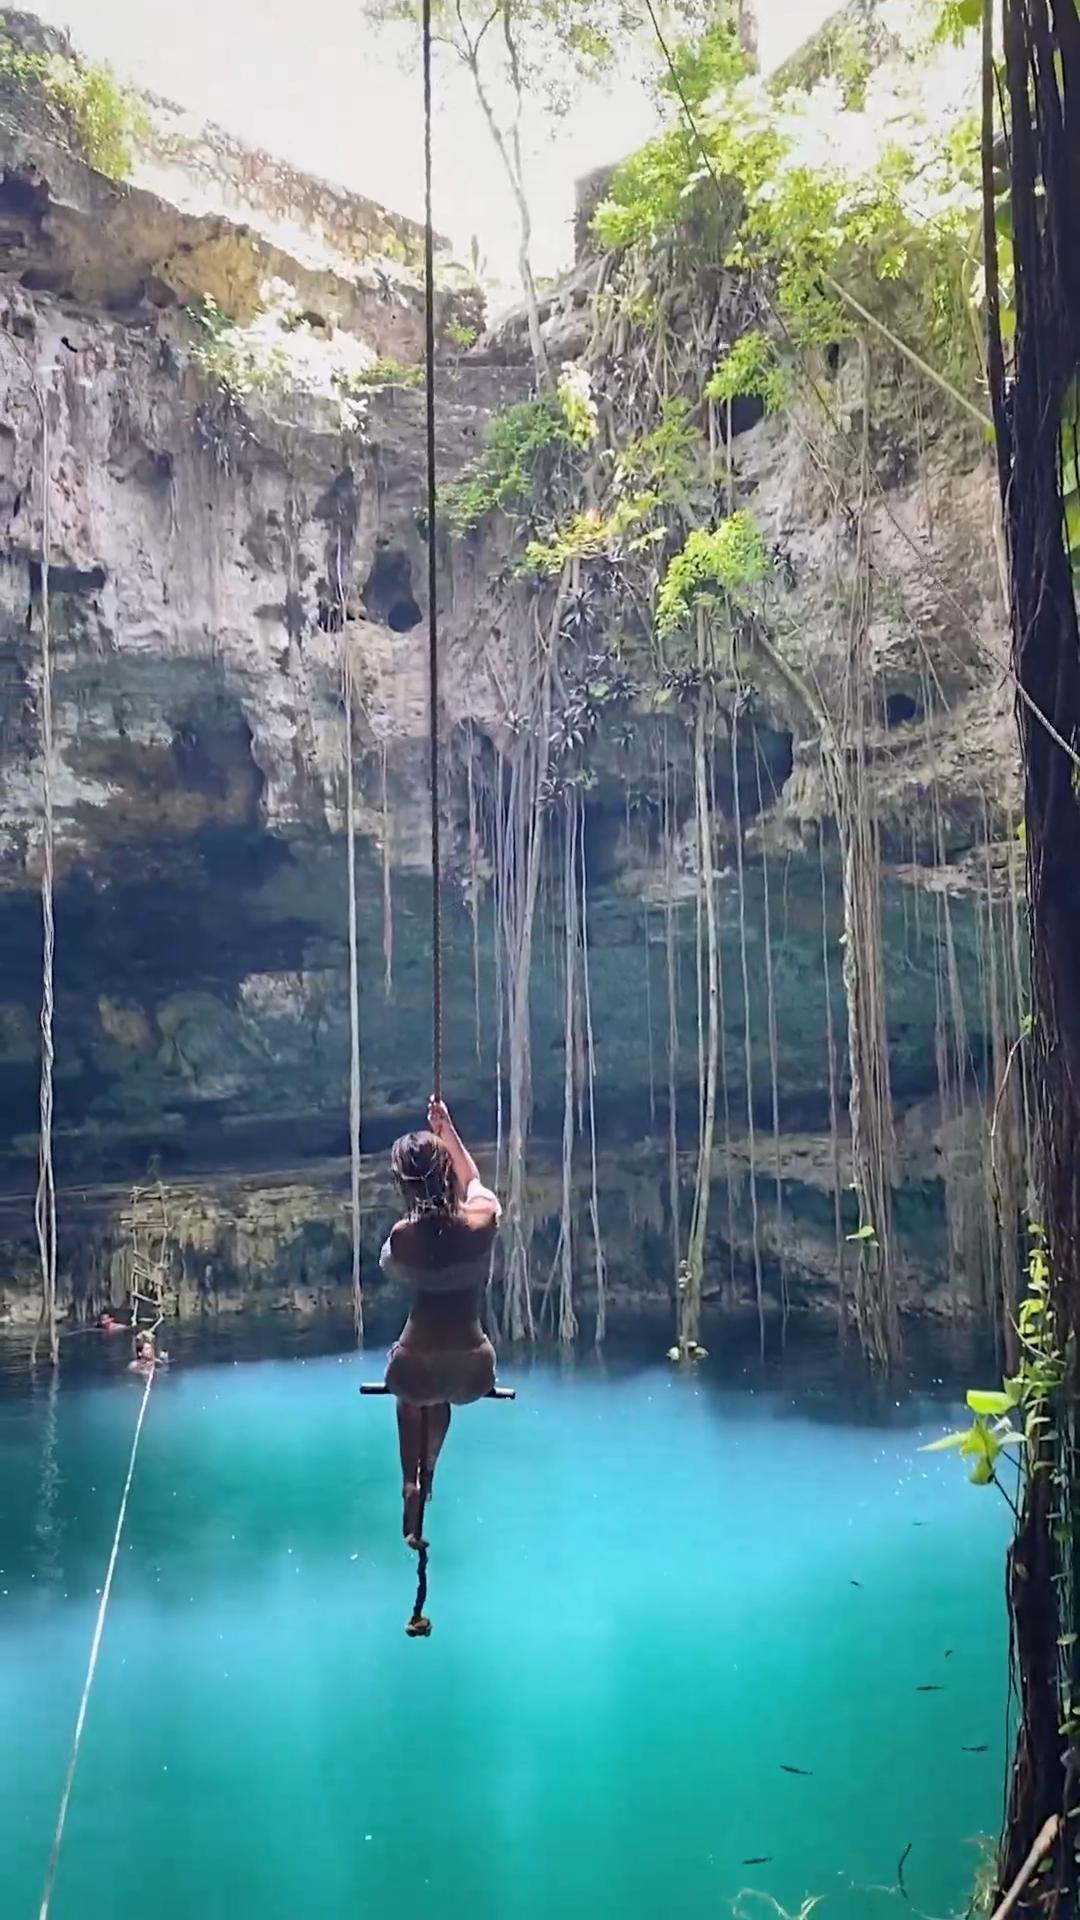 Cenote Guide to Mexico's Cenotes